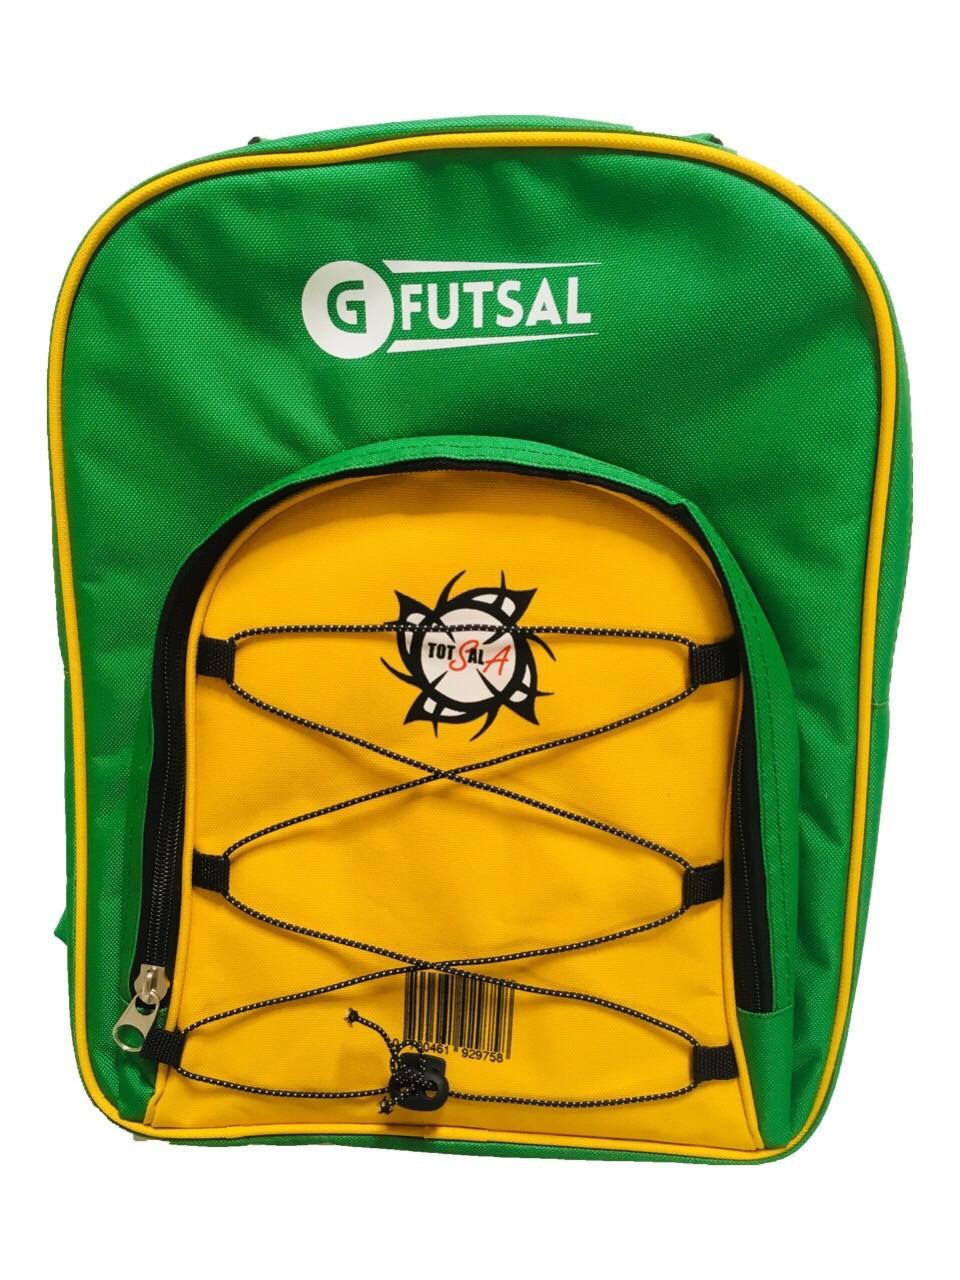 GFutsal Backpack